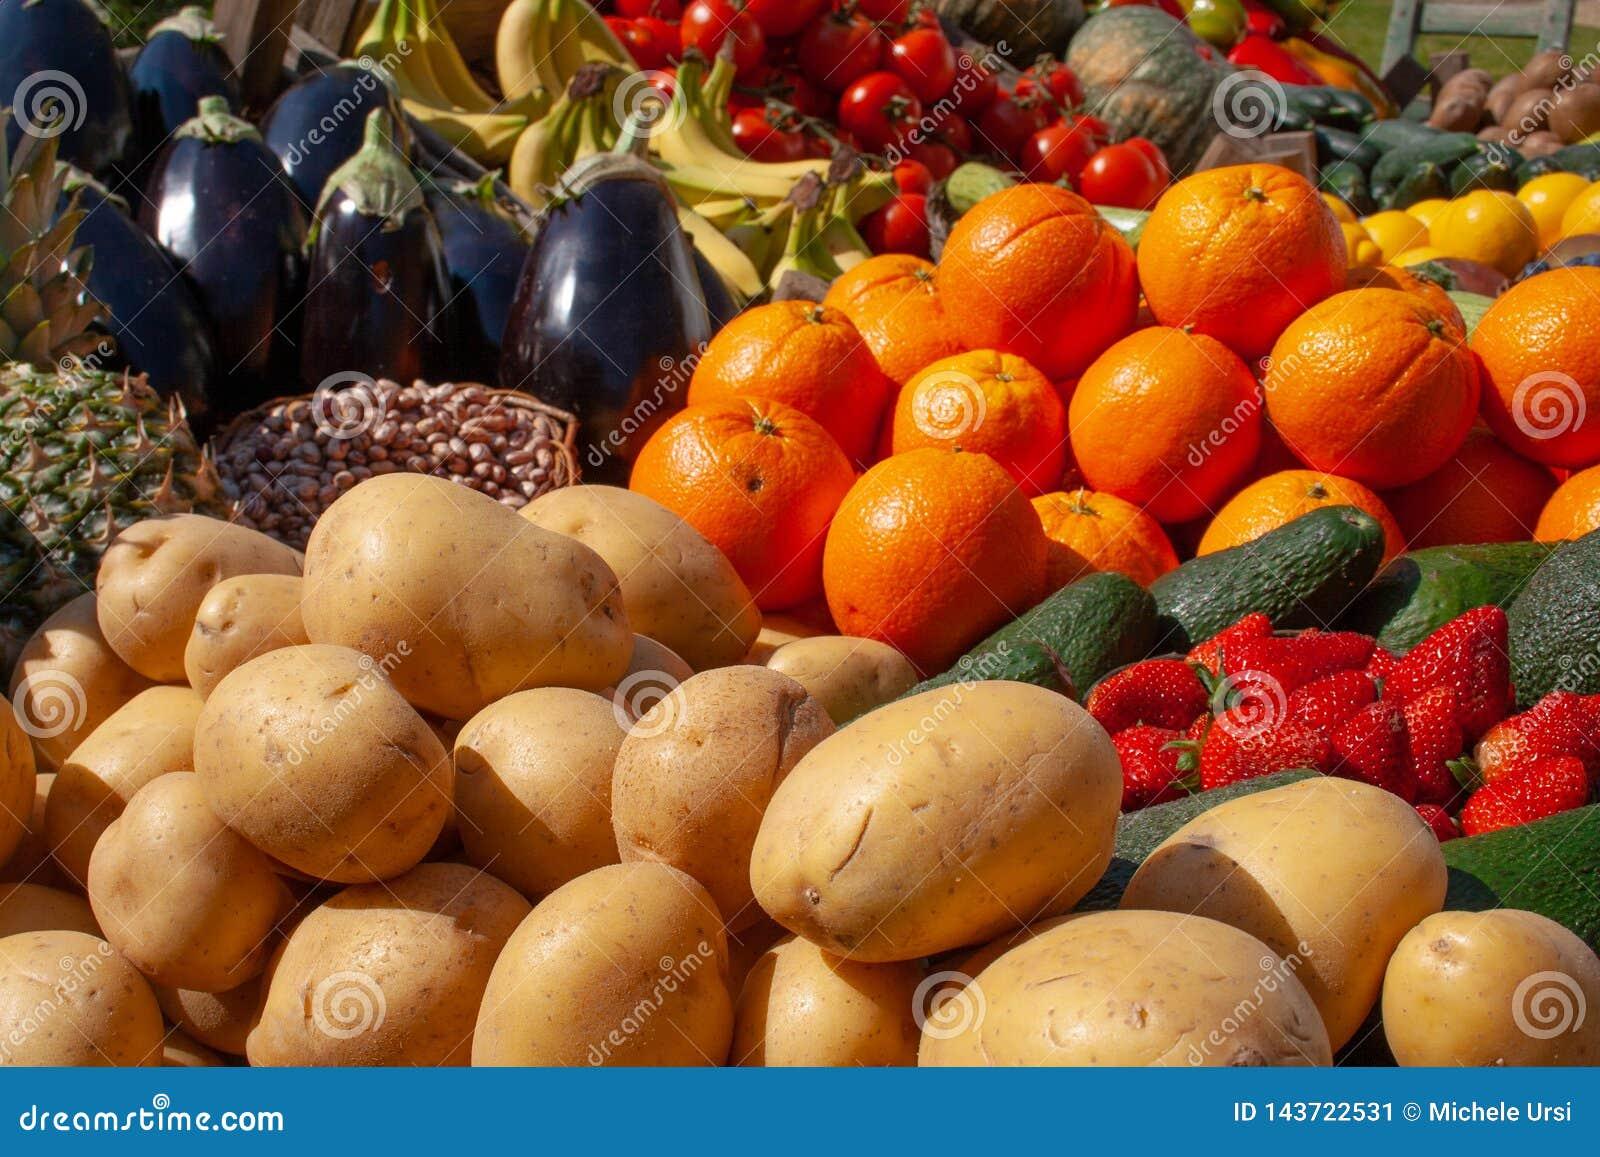 各种各样的新鲜的生物蔬菜和水果